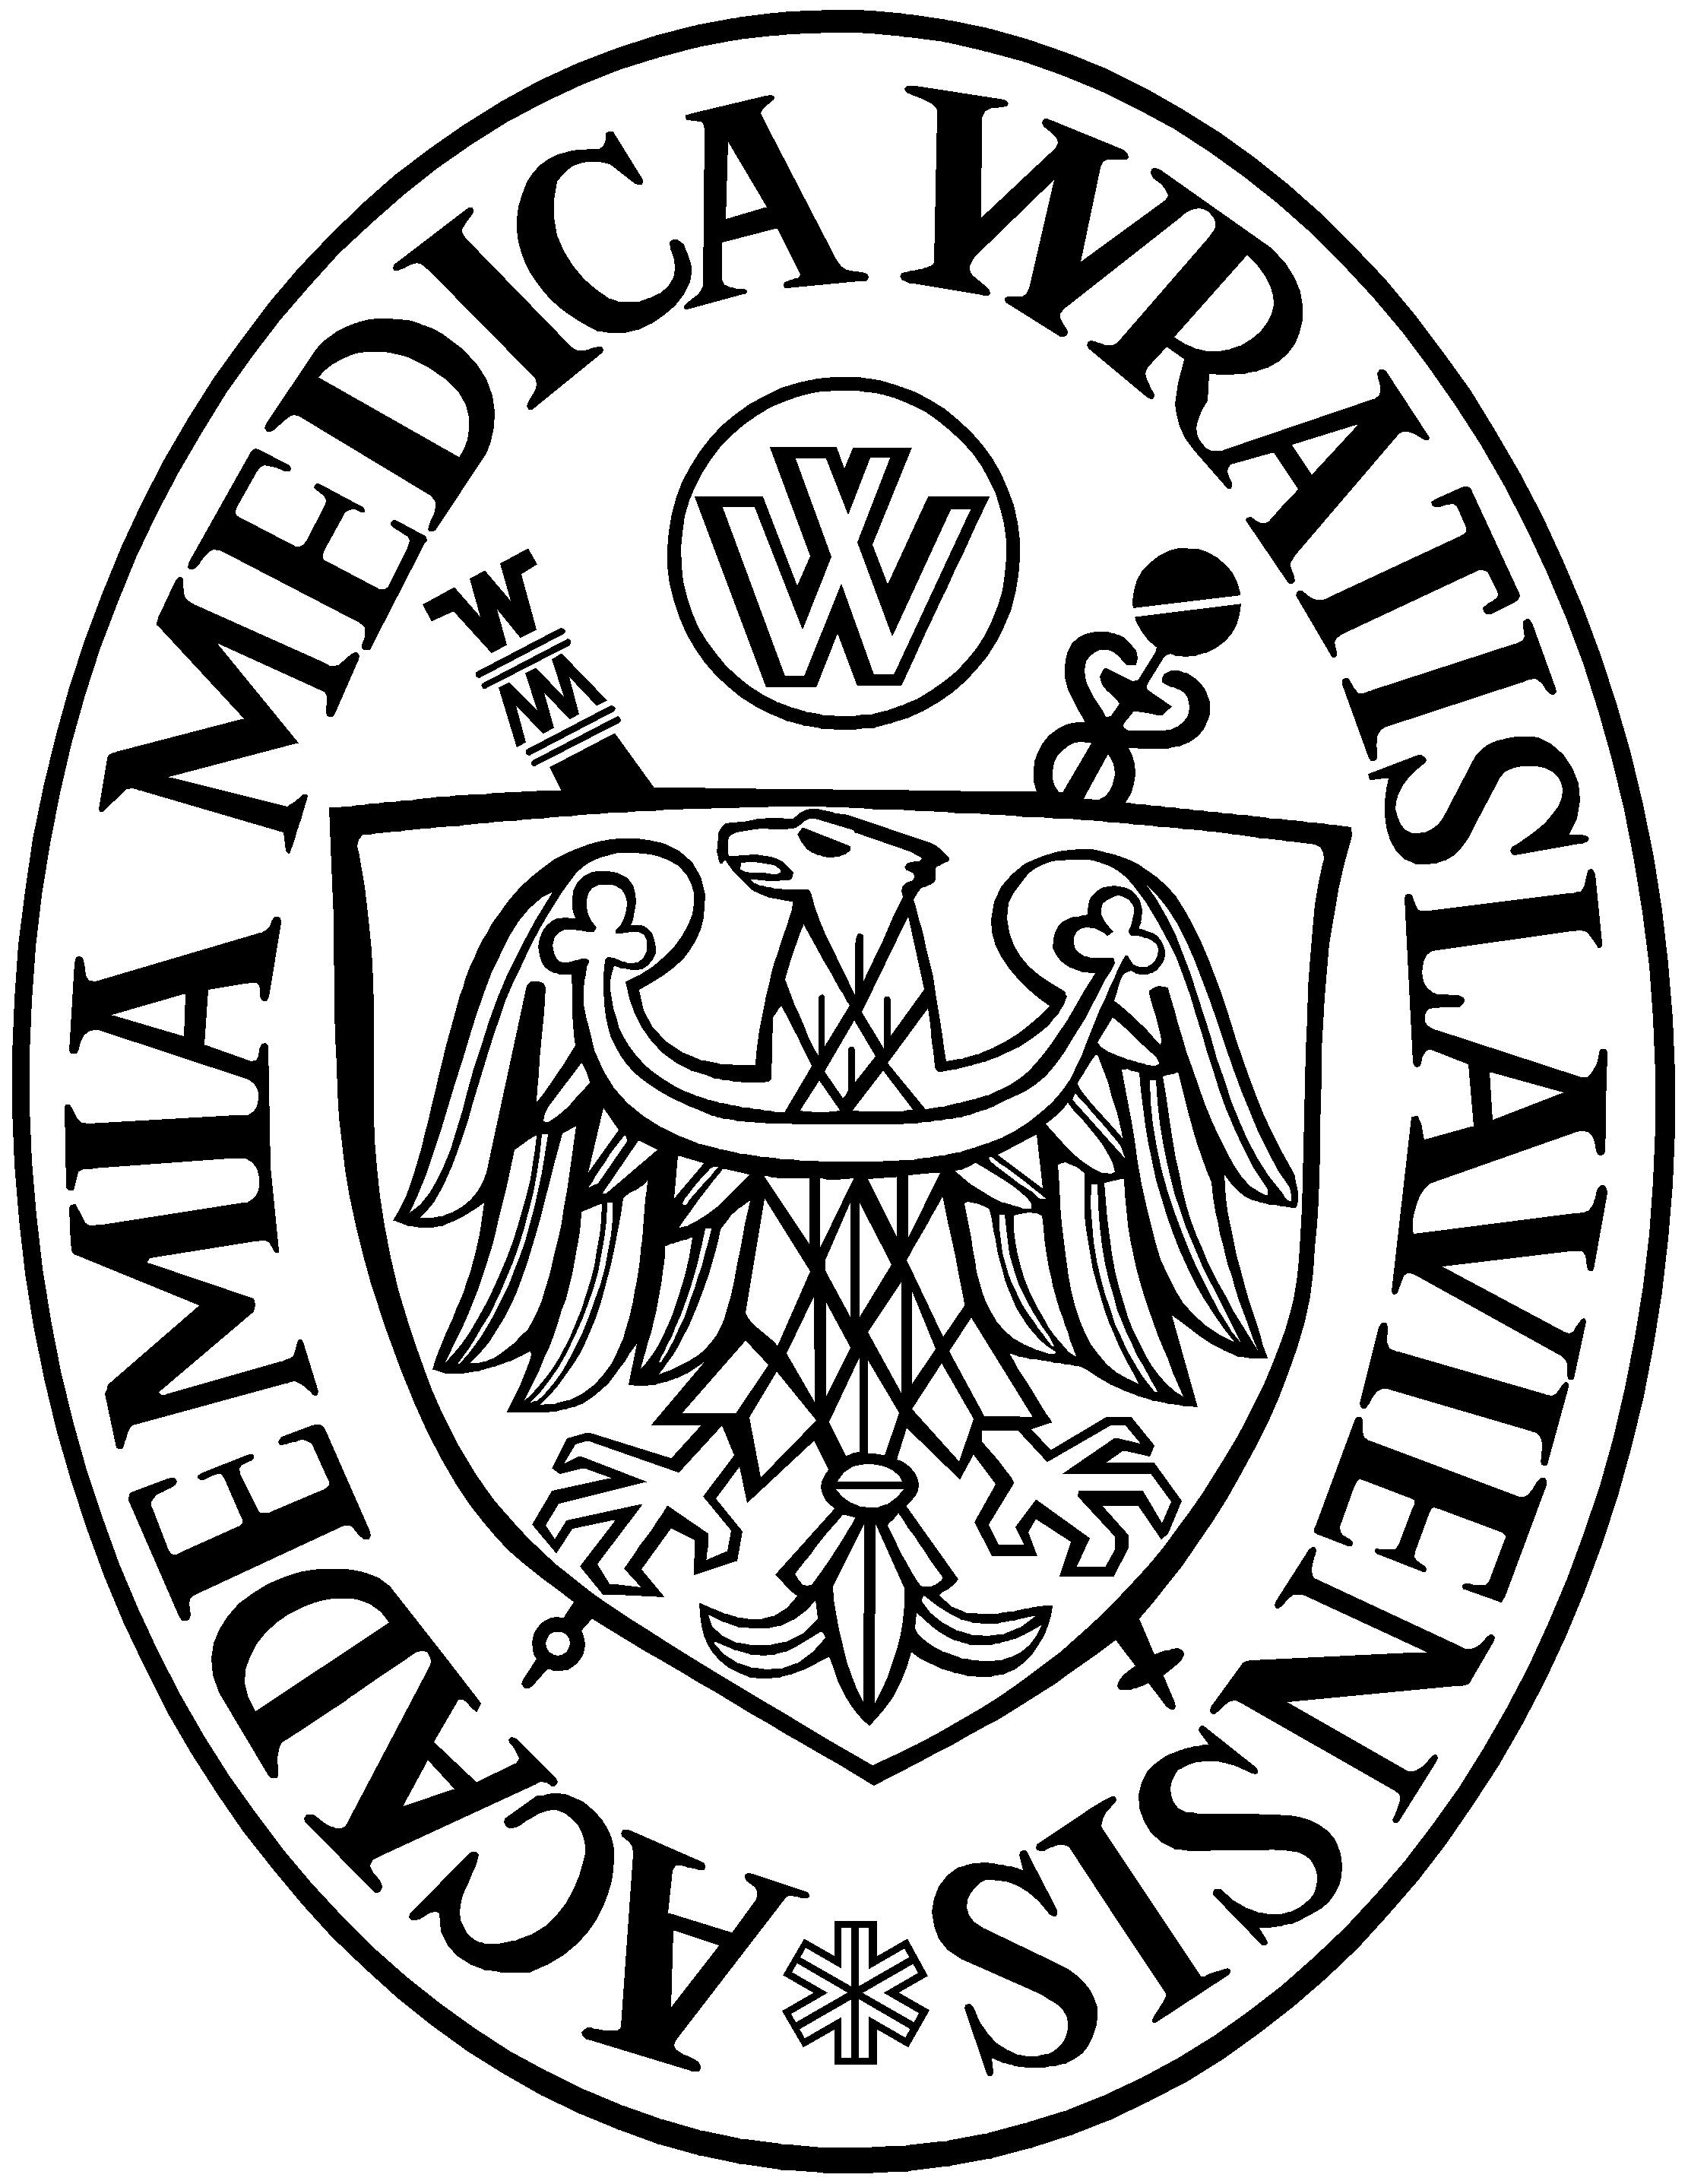 akademia-medyczna-we-wroclawiu